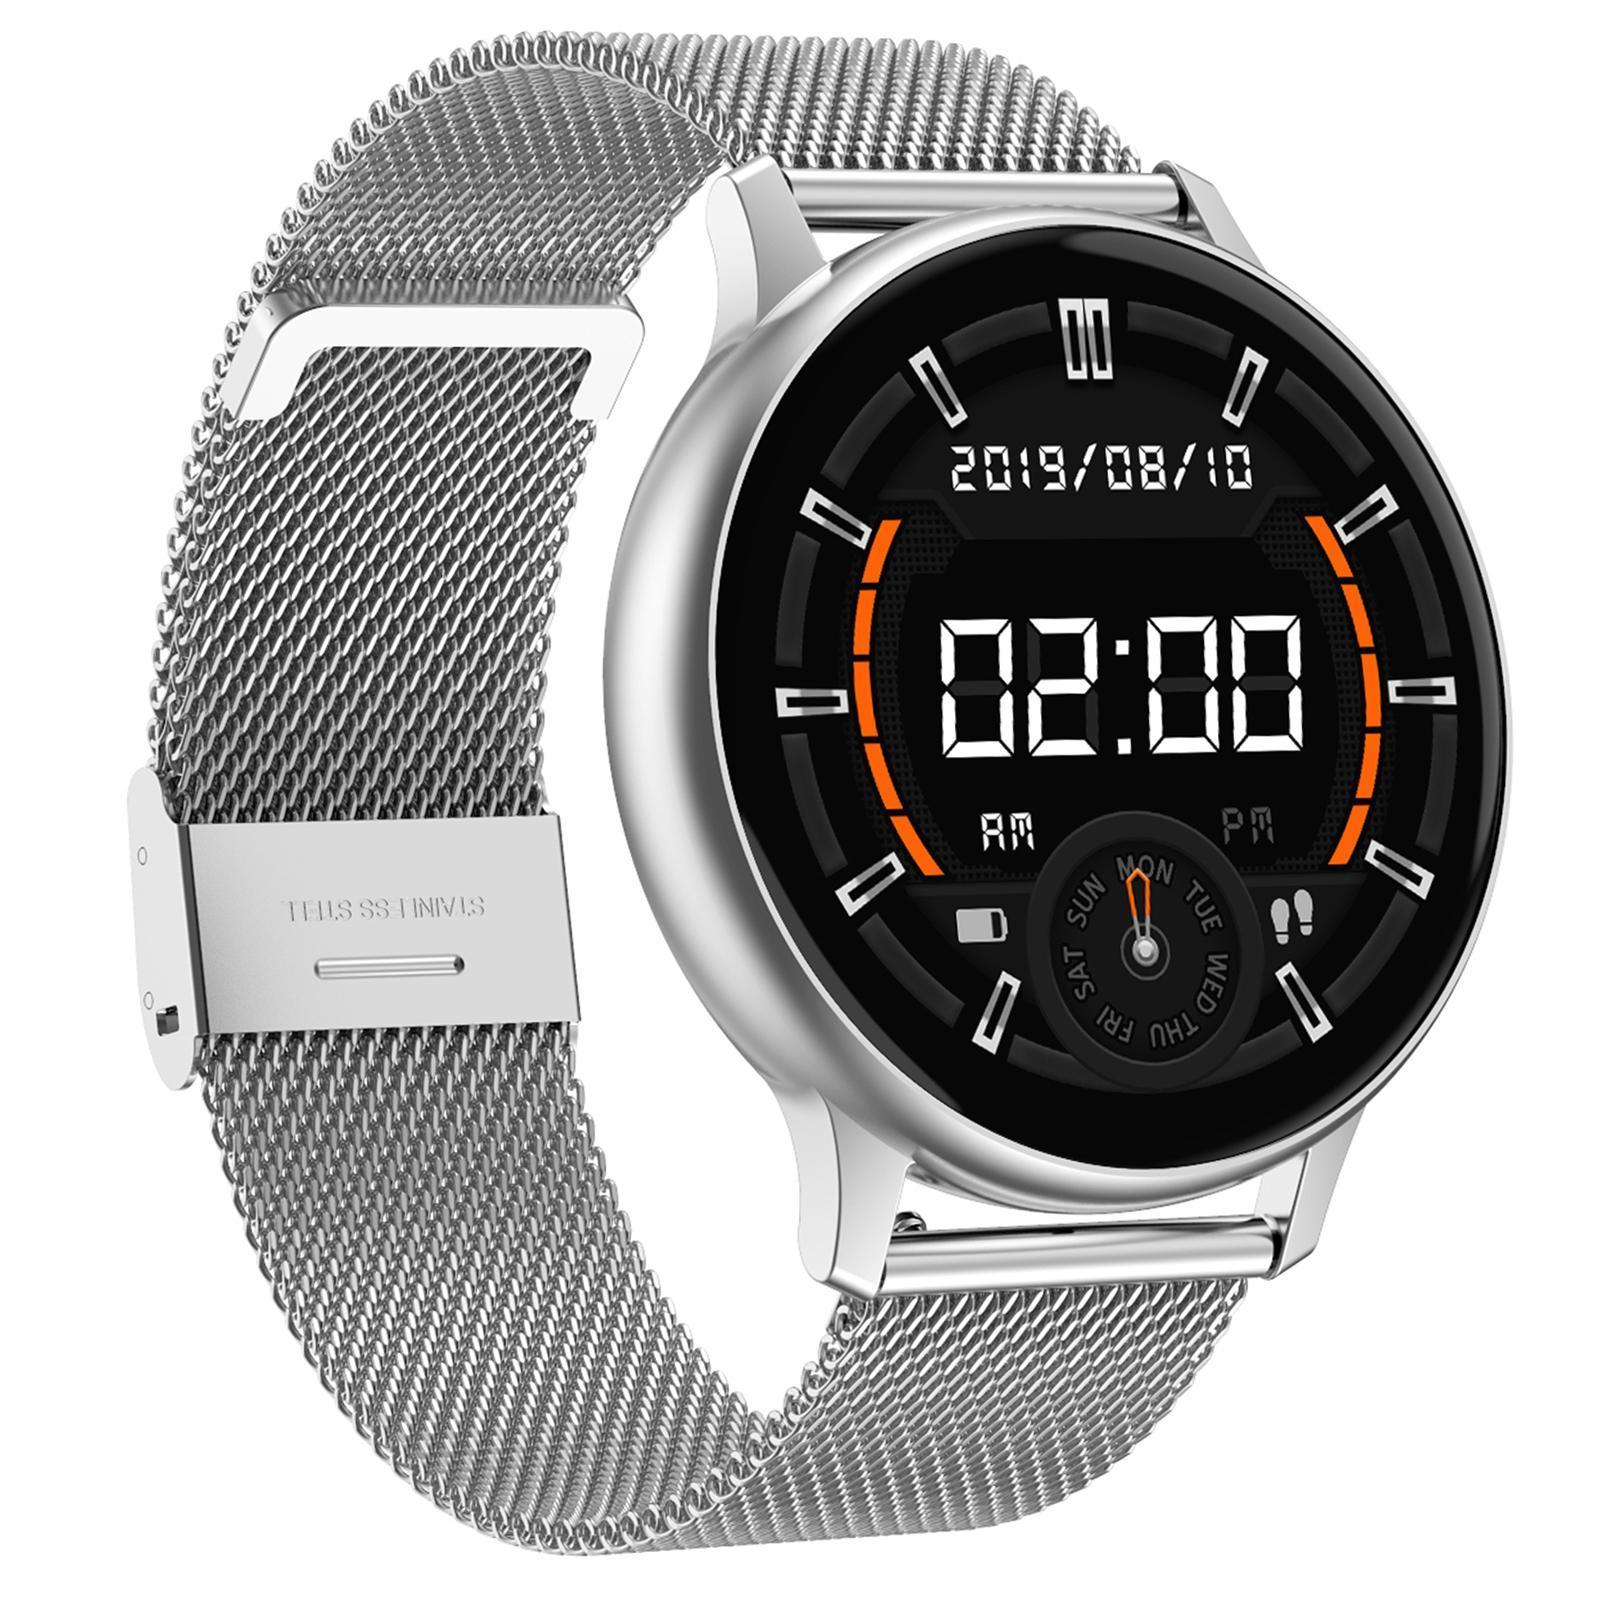 Indexbild 42 - Neue DT88 PRO Smart Uhr Herzfrequenz EKG Monitor Smartwatch für IOS Android